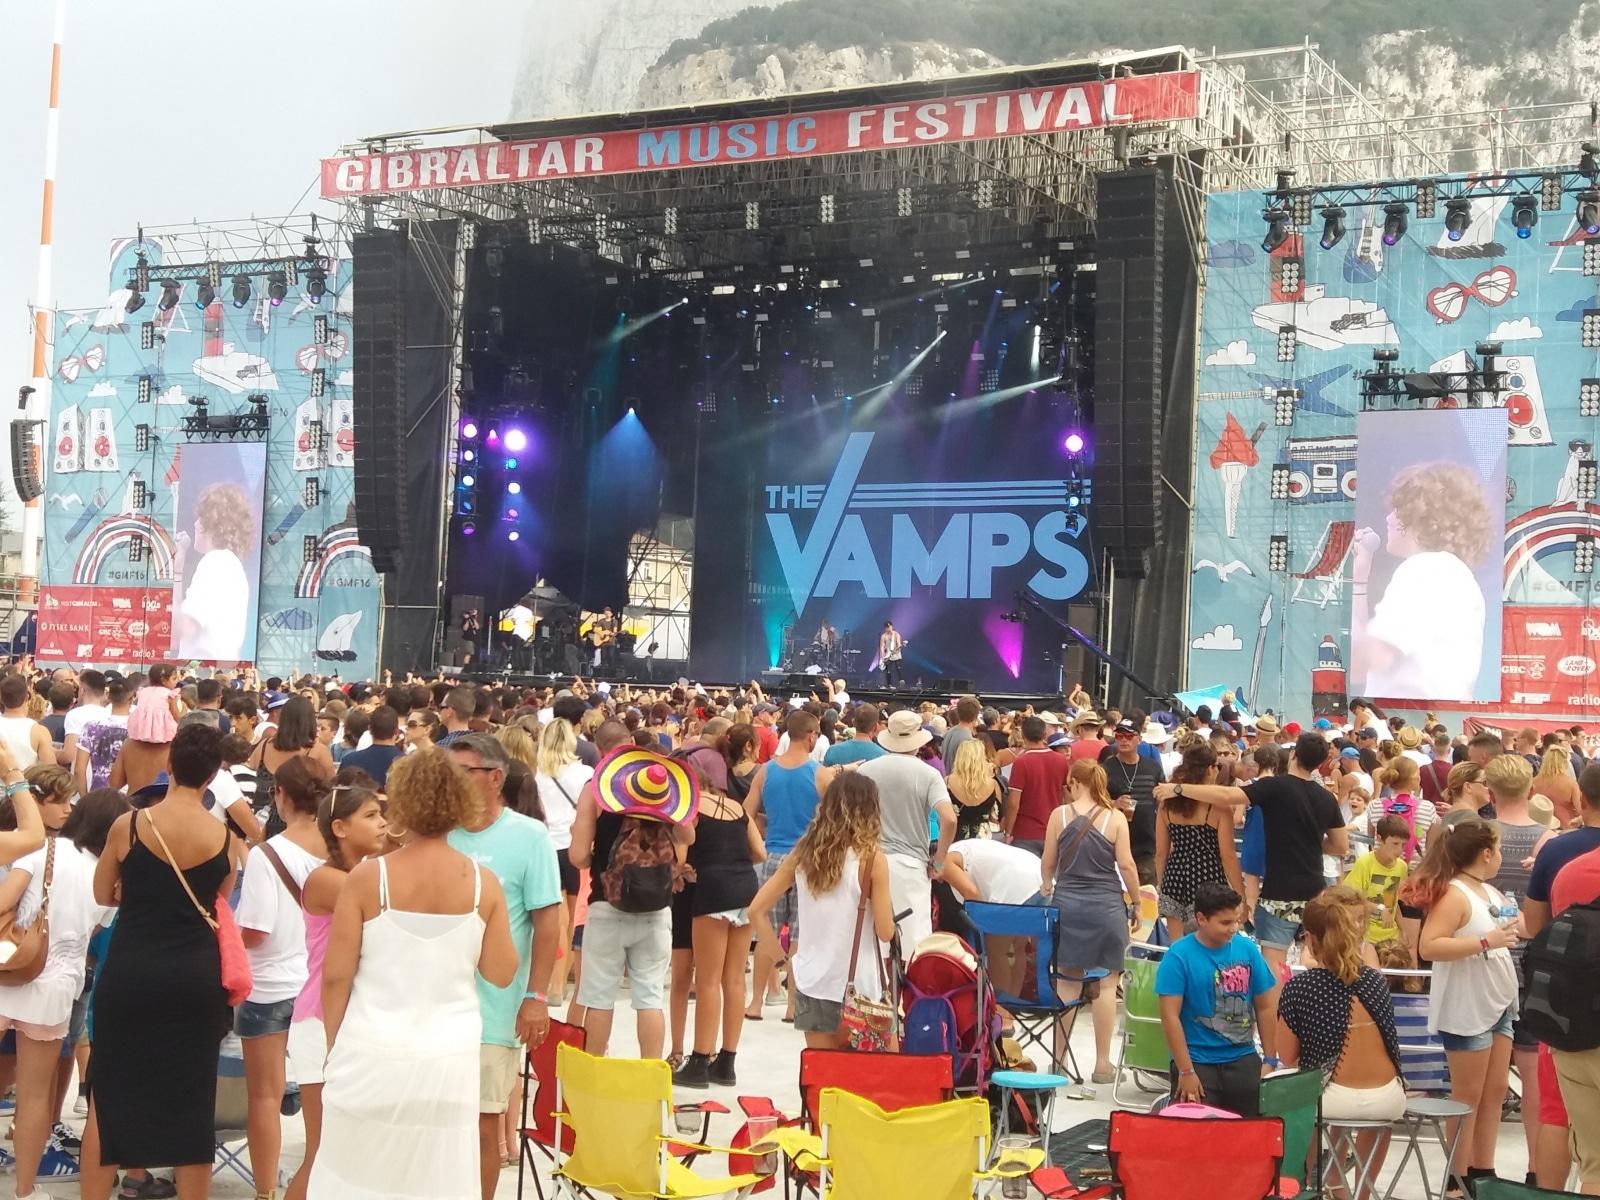 3-de-septiembre-de-2016-gibraltar-music-festival-70_28815972134_o